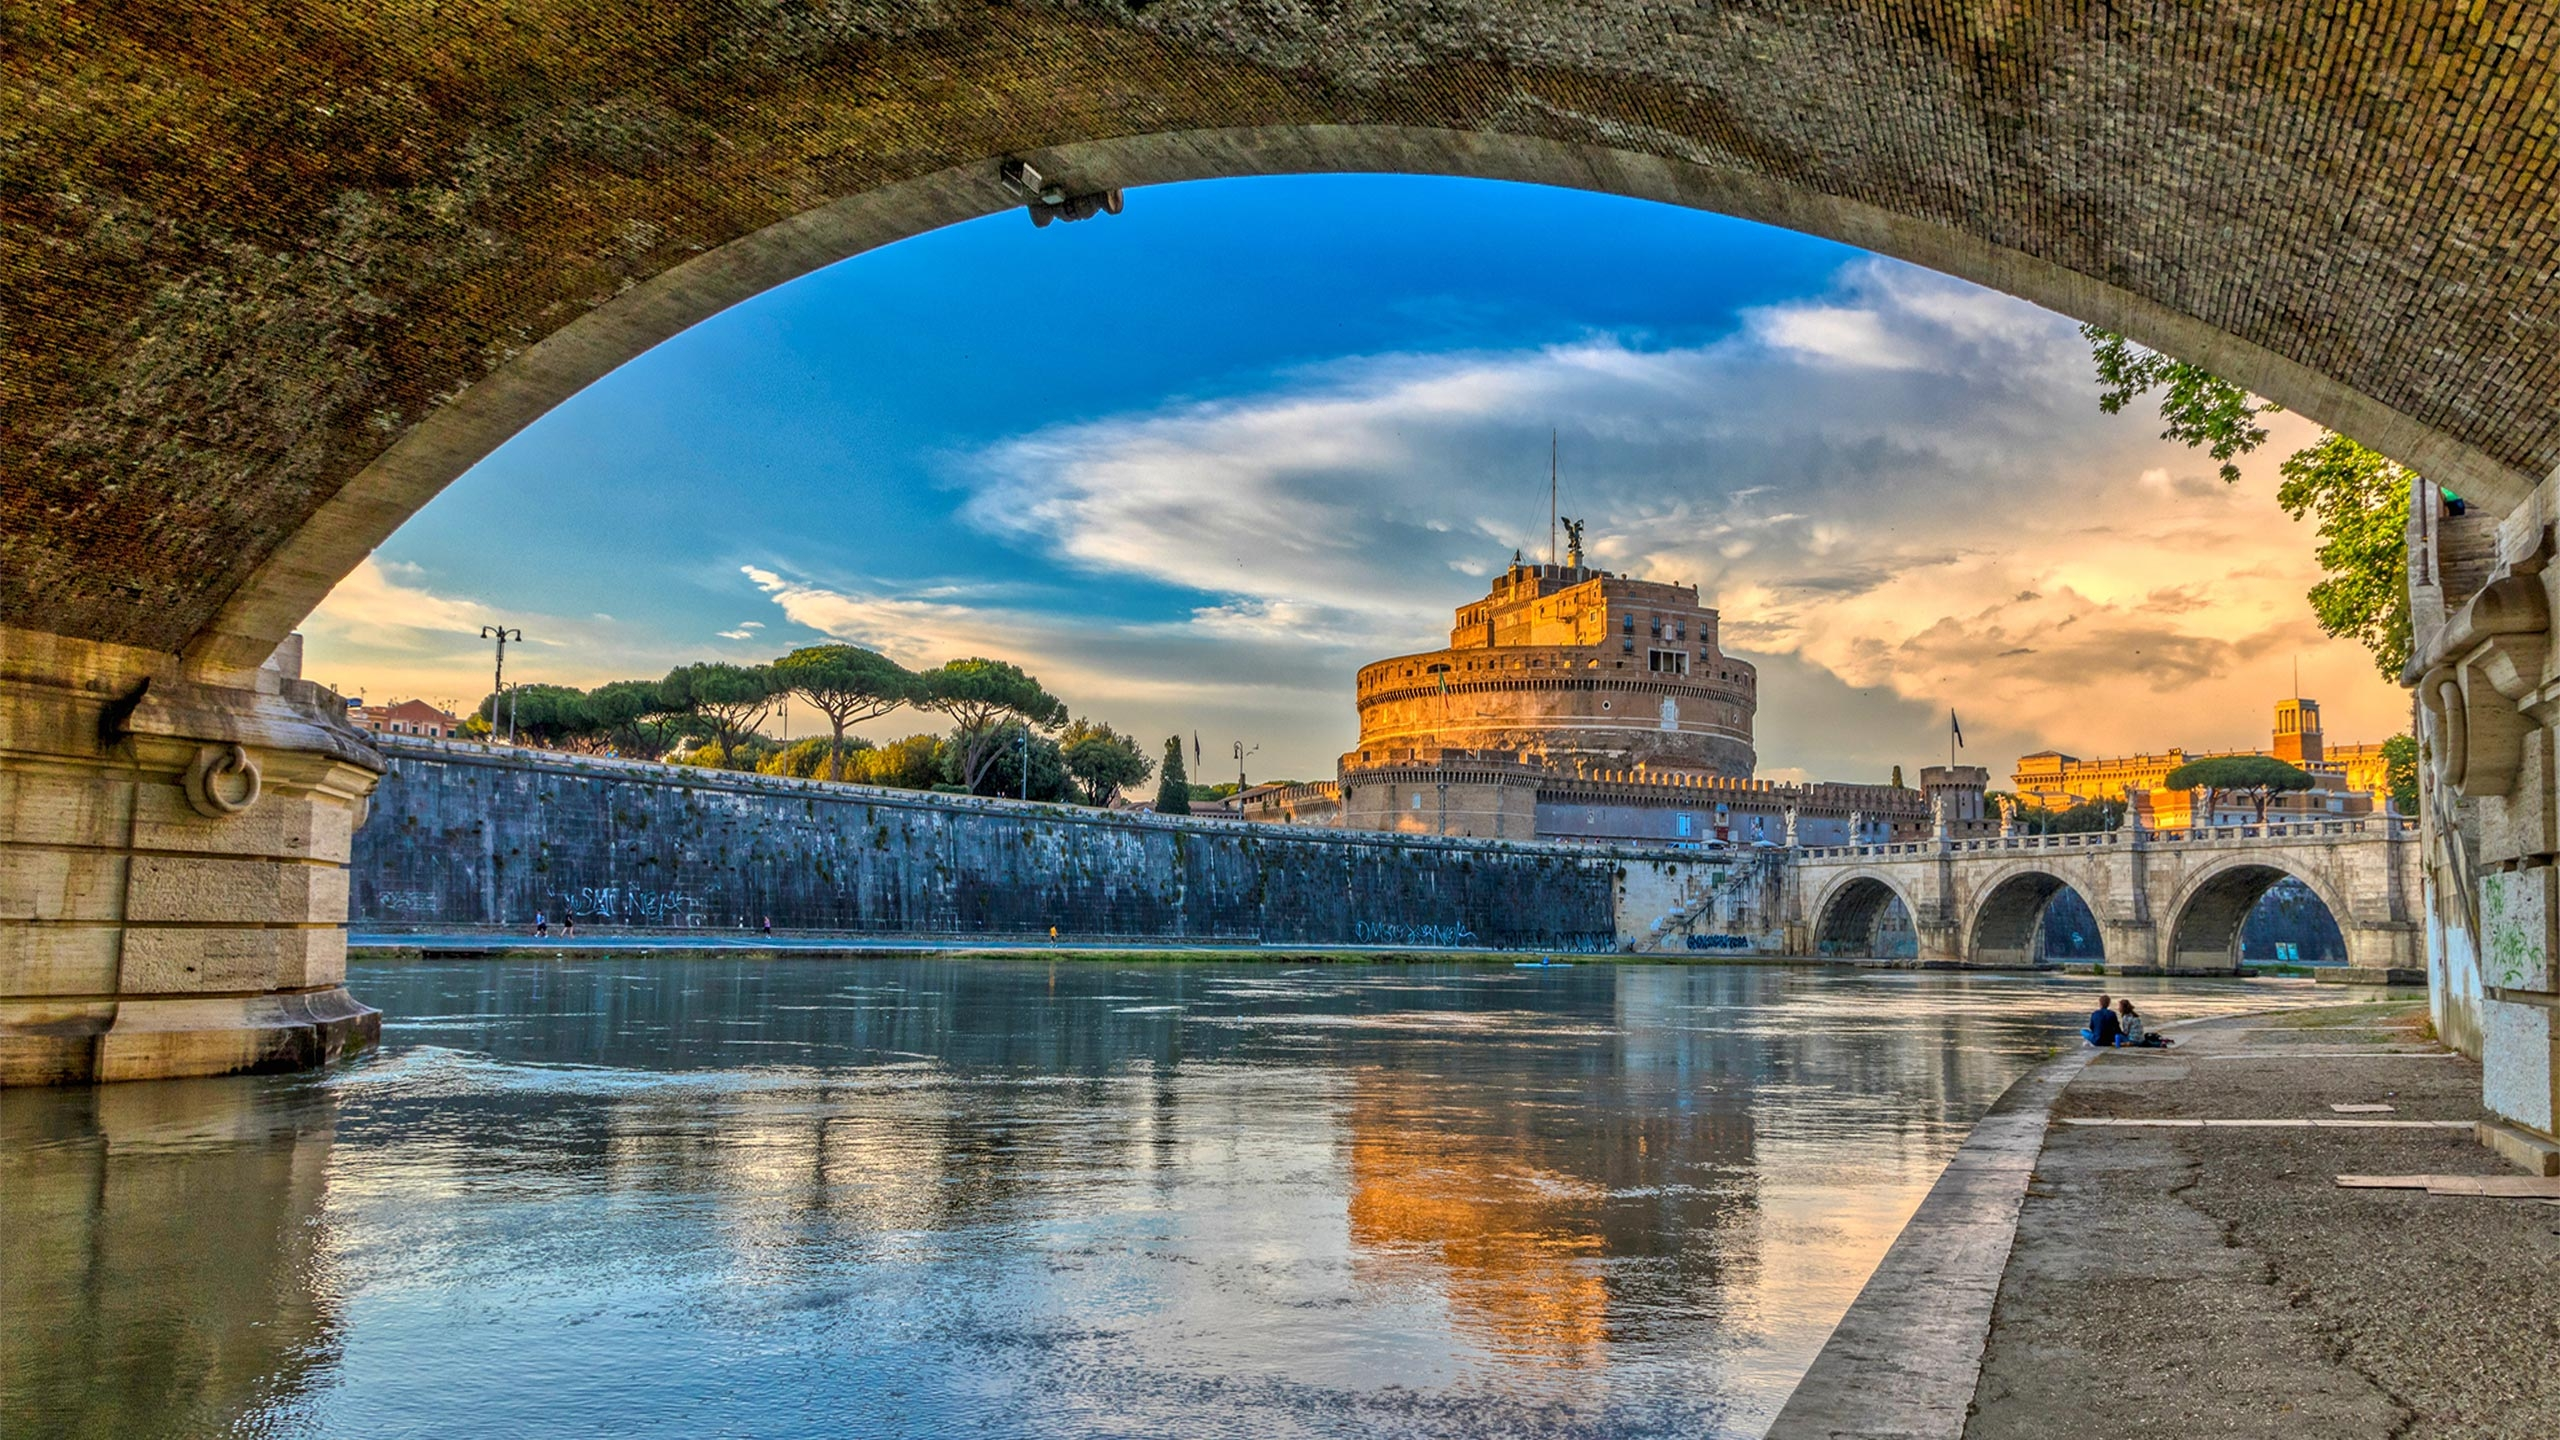 ايطاليا روما اهم الاماكن السياحيه  قلعة سنت انجلو